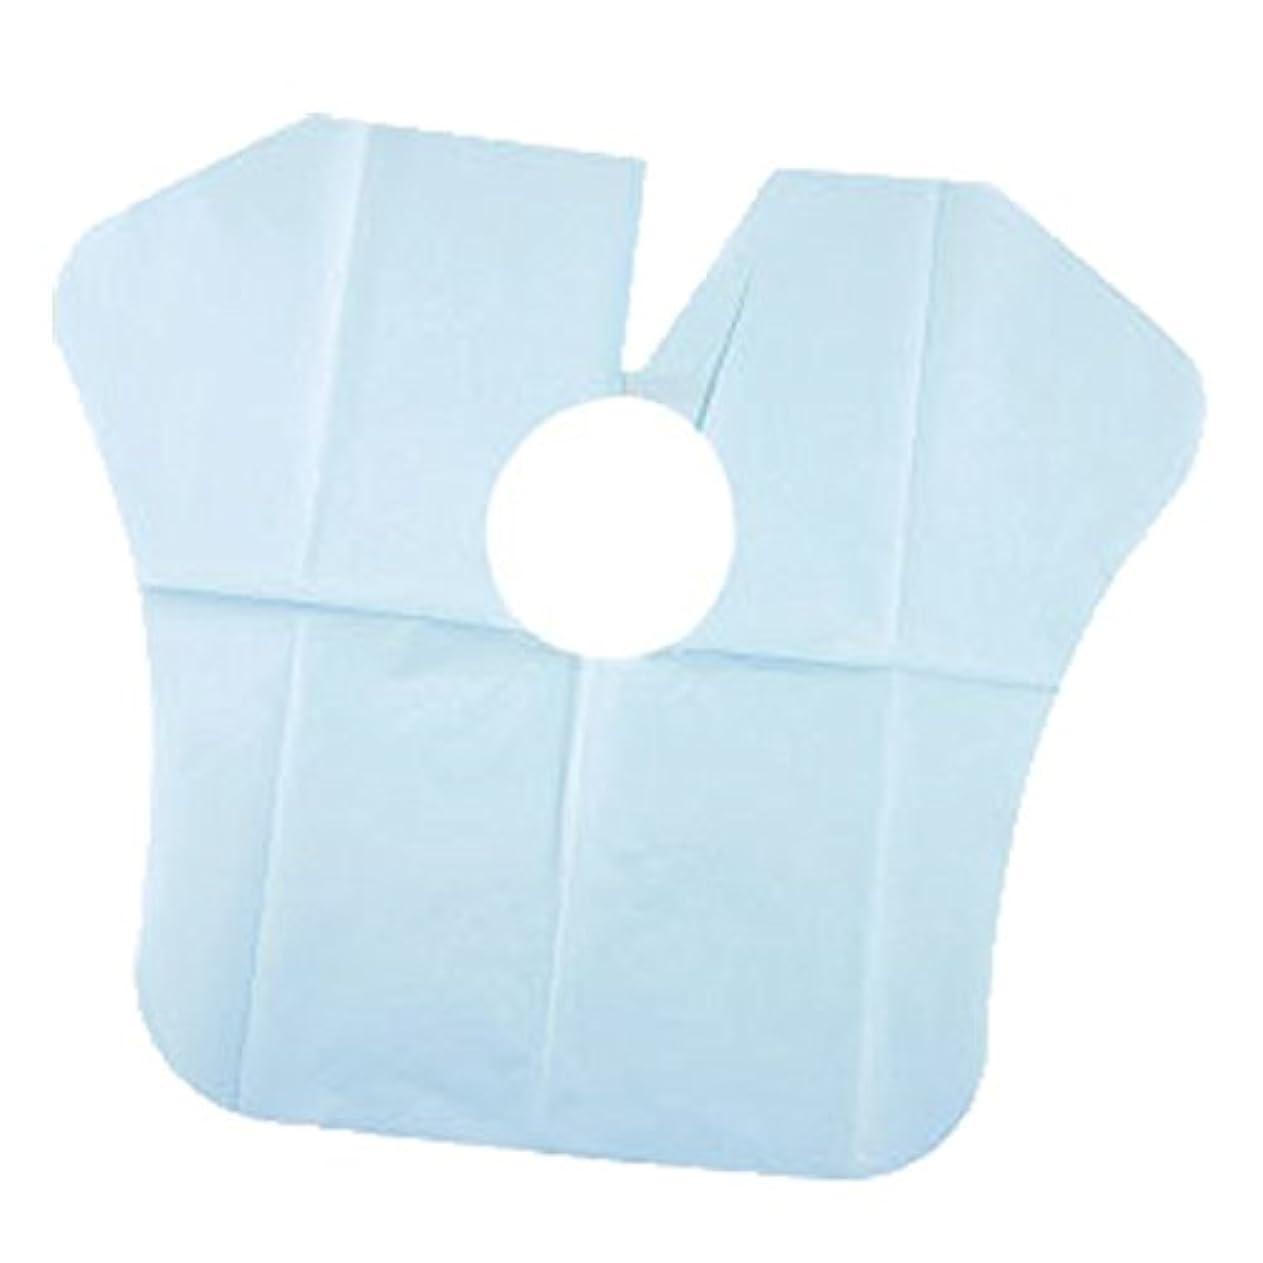 シンポジウム高価な戸棚ヨネコ ペーパーケープ 30枚入 不織布 ヘアダイクロスを汚れから守ります! YONECO